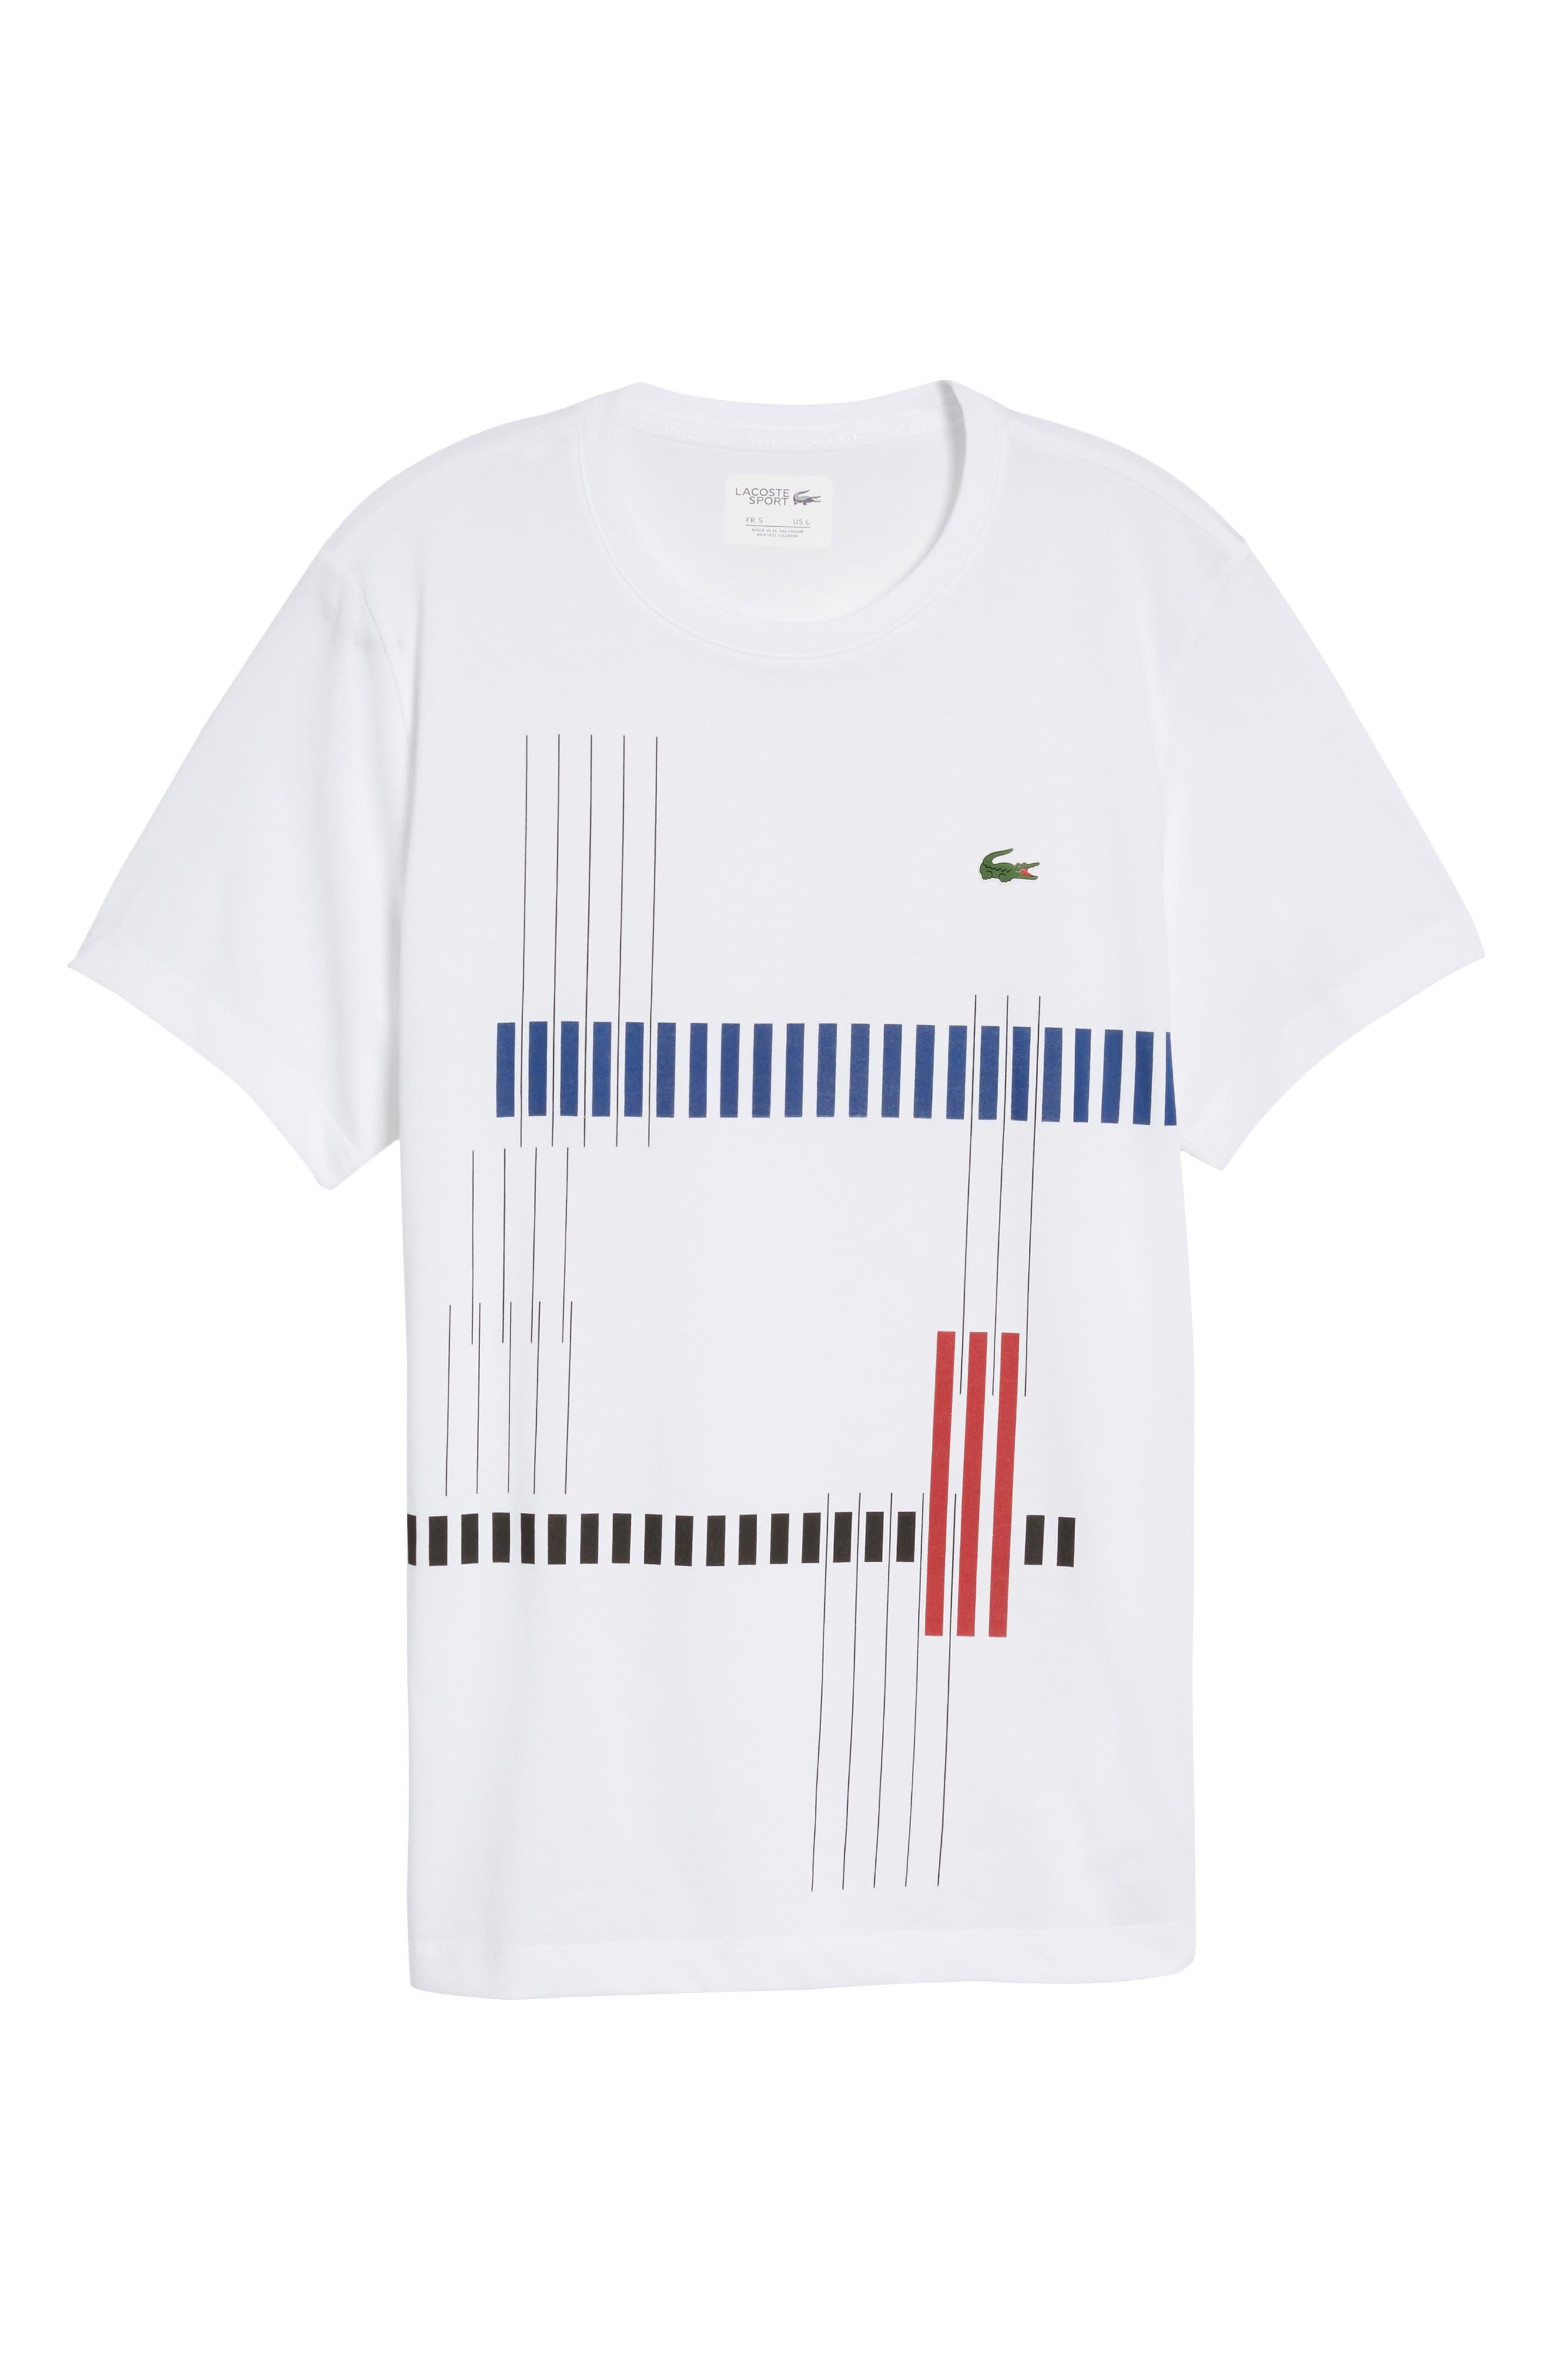 Tech Vertical Stripe Graphic T-Shirt,                             Alternate thumbnail 17, color,